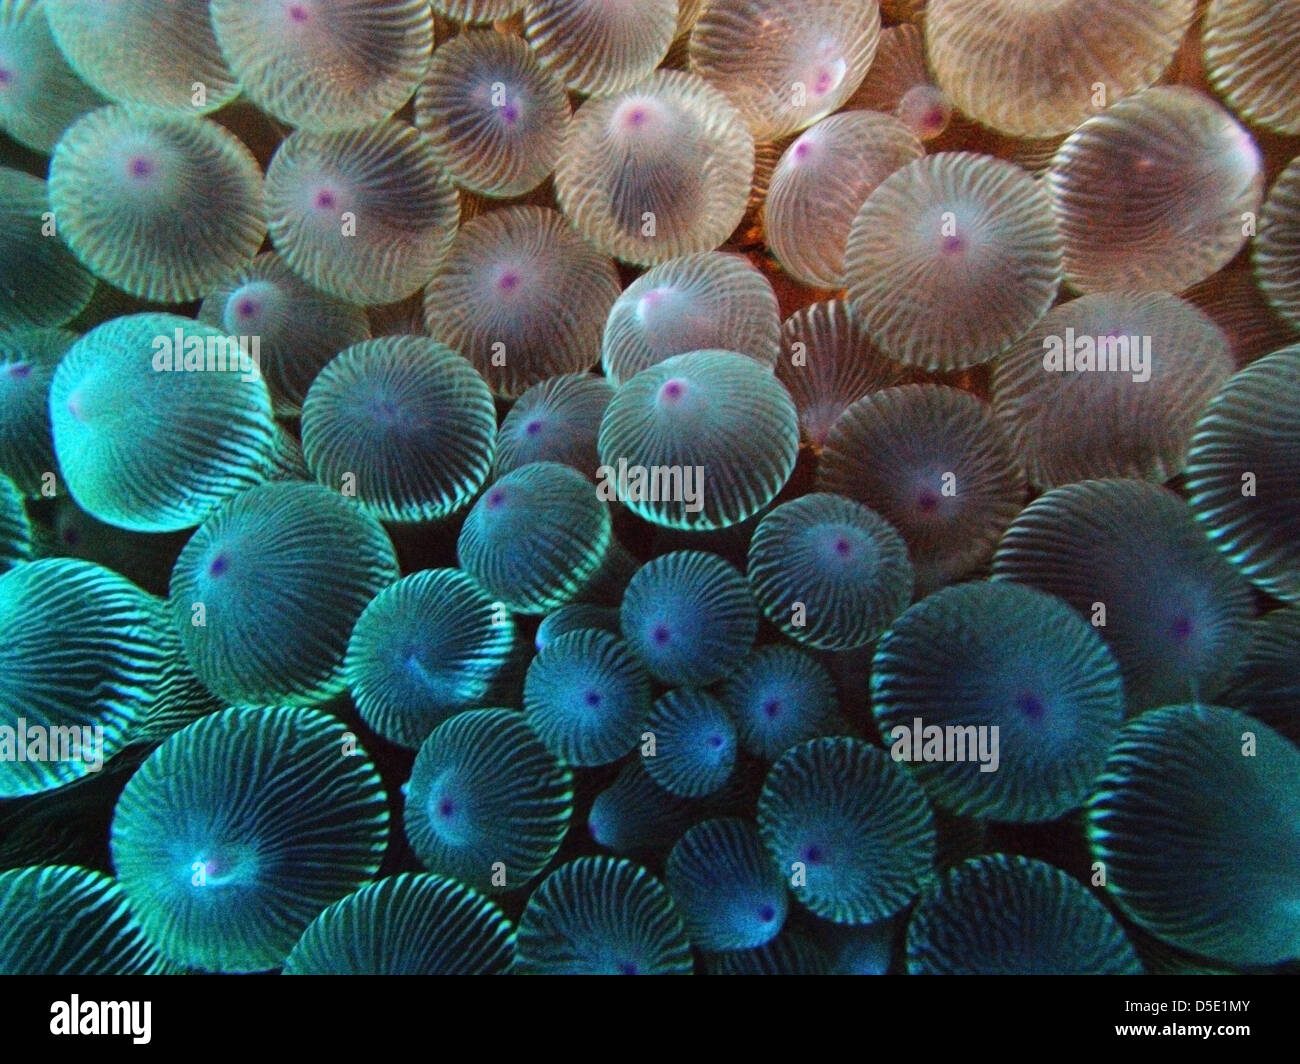 Dettaglio dei tentacoli di anemone, Admiralty Islands, Isola di Lord Howe Marine Park, Australia Immagini Stock